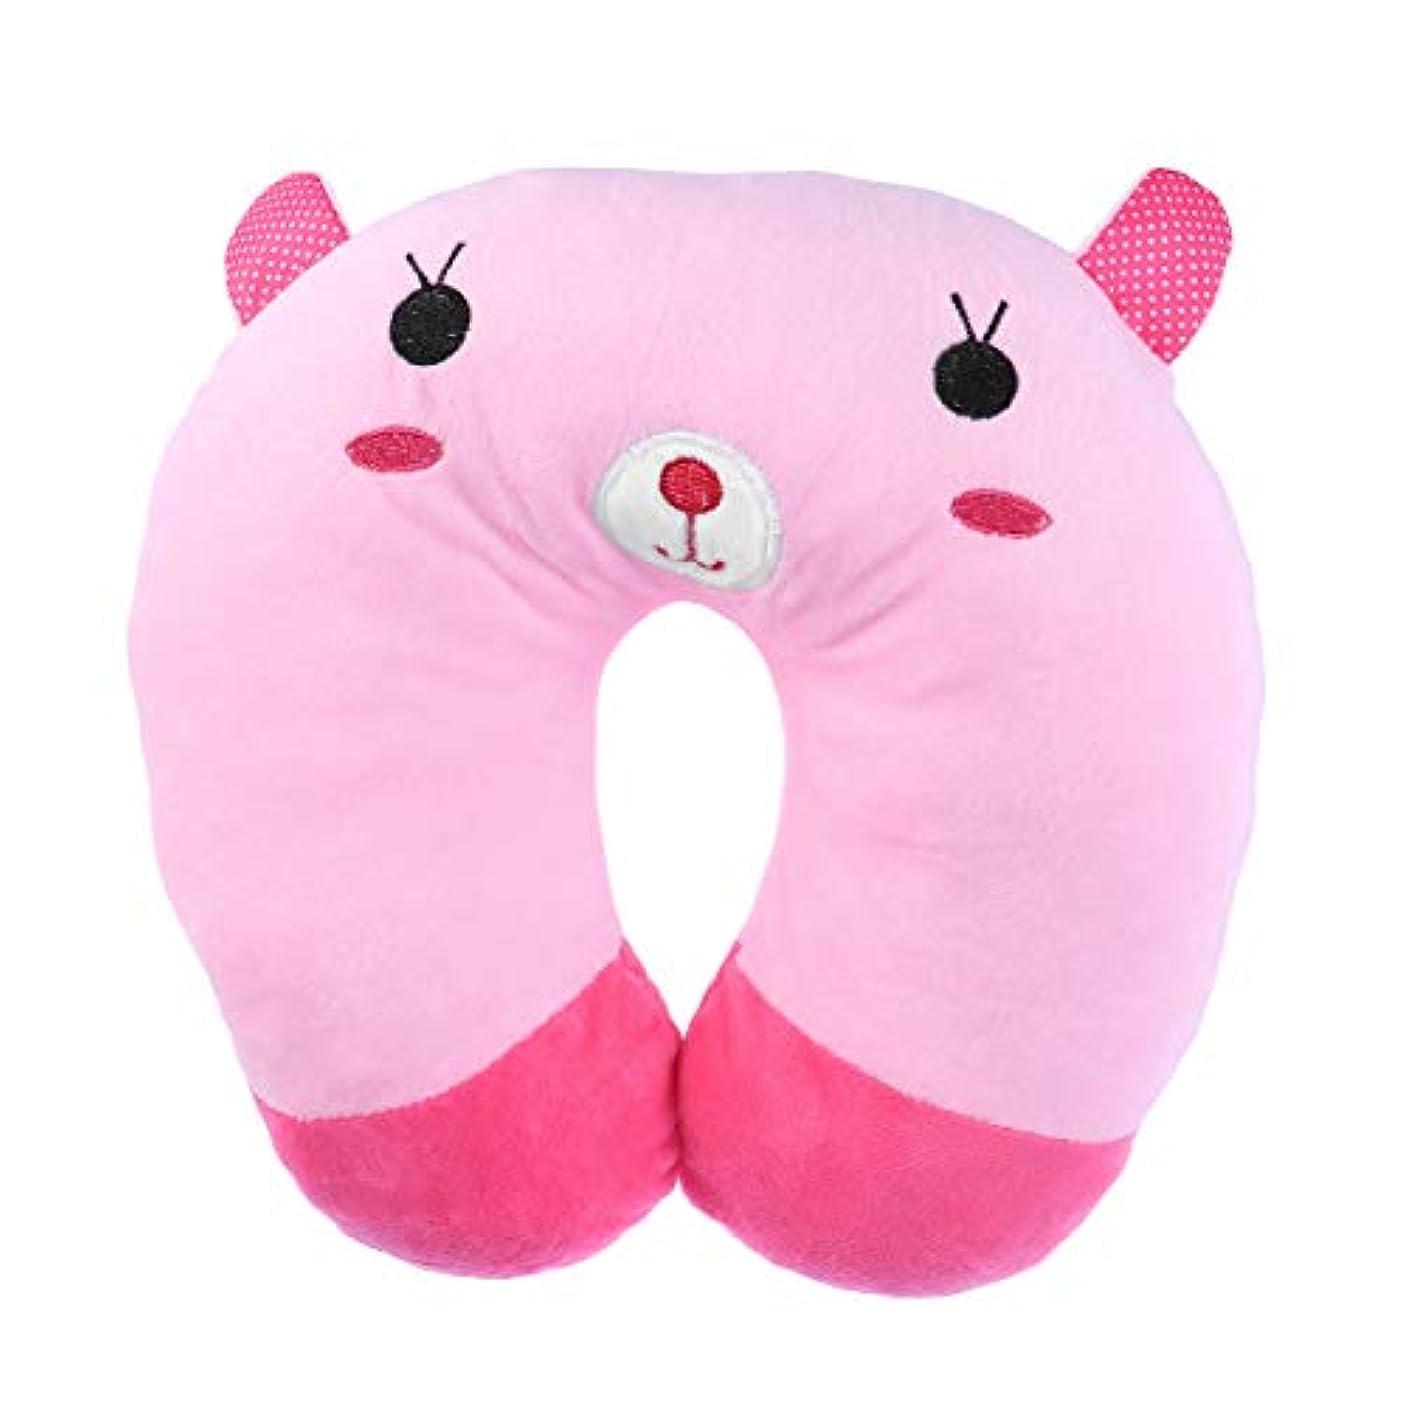 HEALIFTY 首牽引枕漫画ぬいぐるみU字型枕首サポートクッション旅行枕飛行機のために車(ピンクのウサギ)